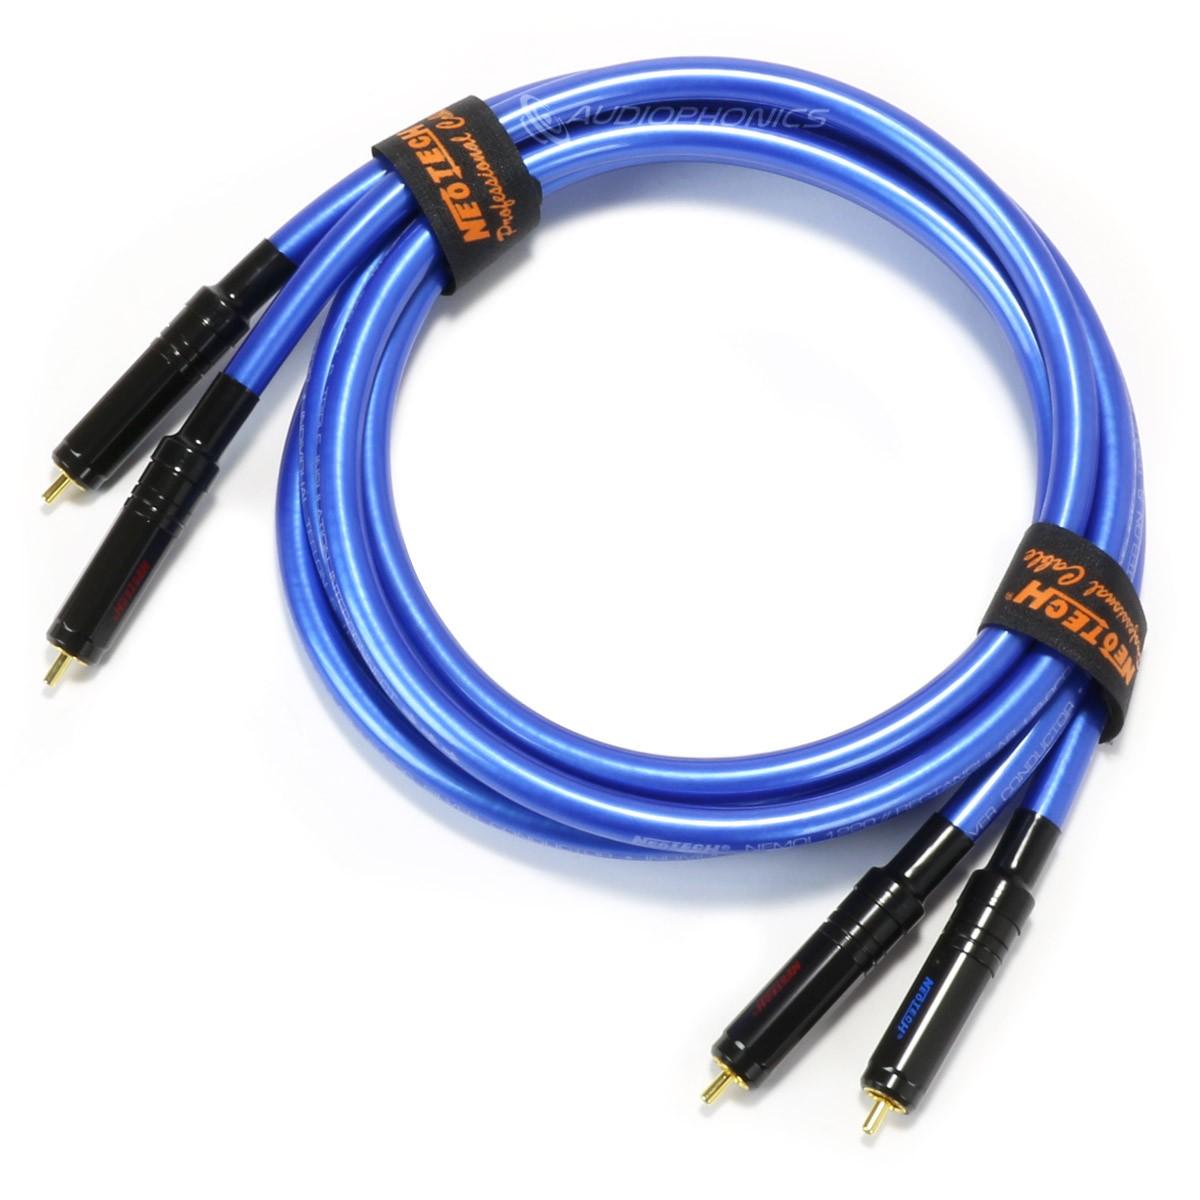 NEOTECH NEMOI-1120-2 Câble de Modulation Argent UP-OCC RCA-RCA Double Blindage Ø10mm 2m (La paire)